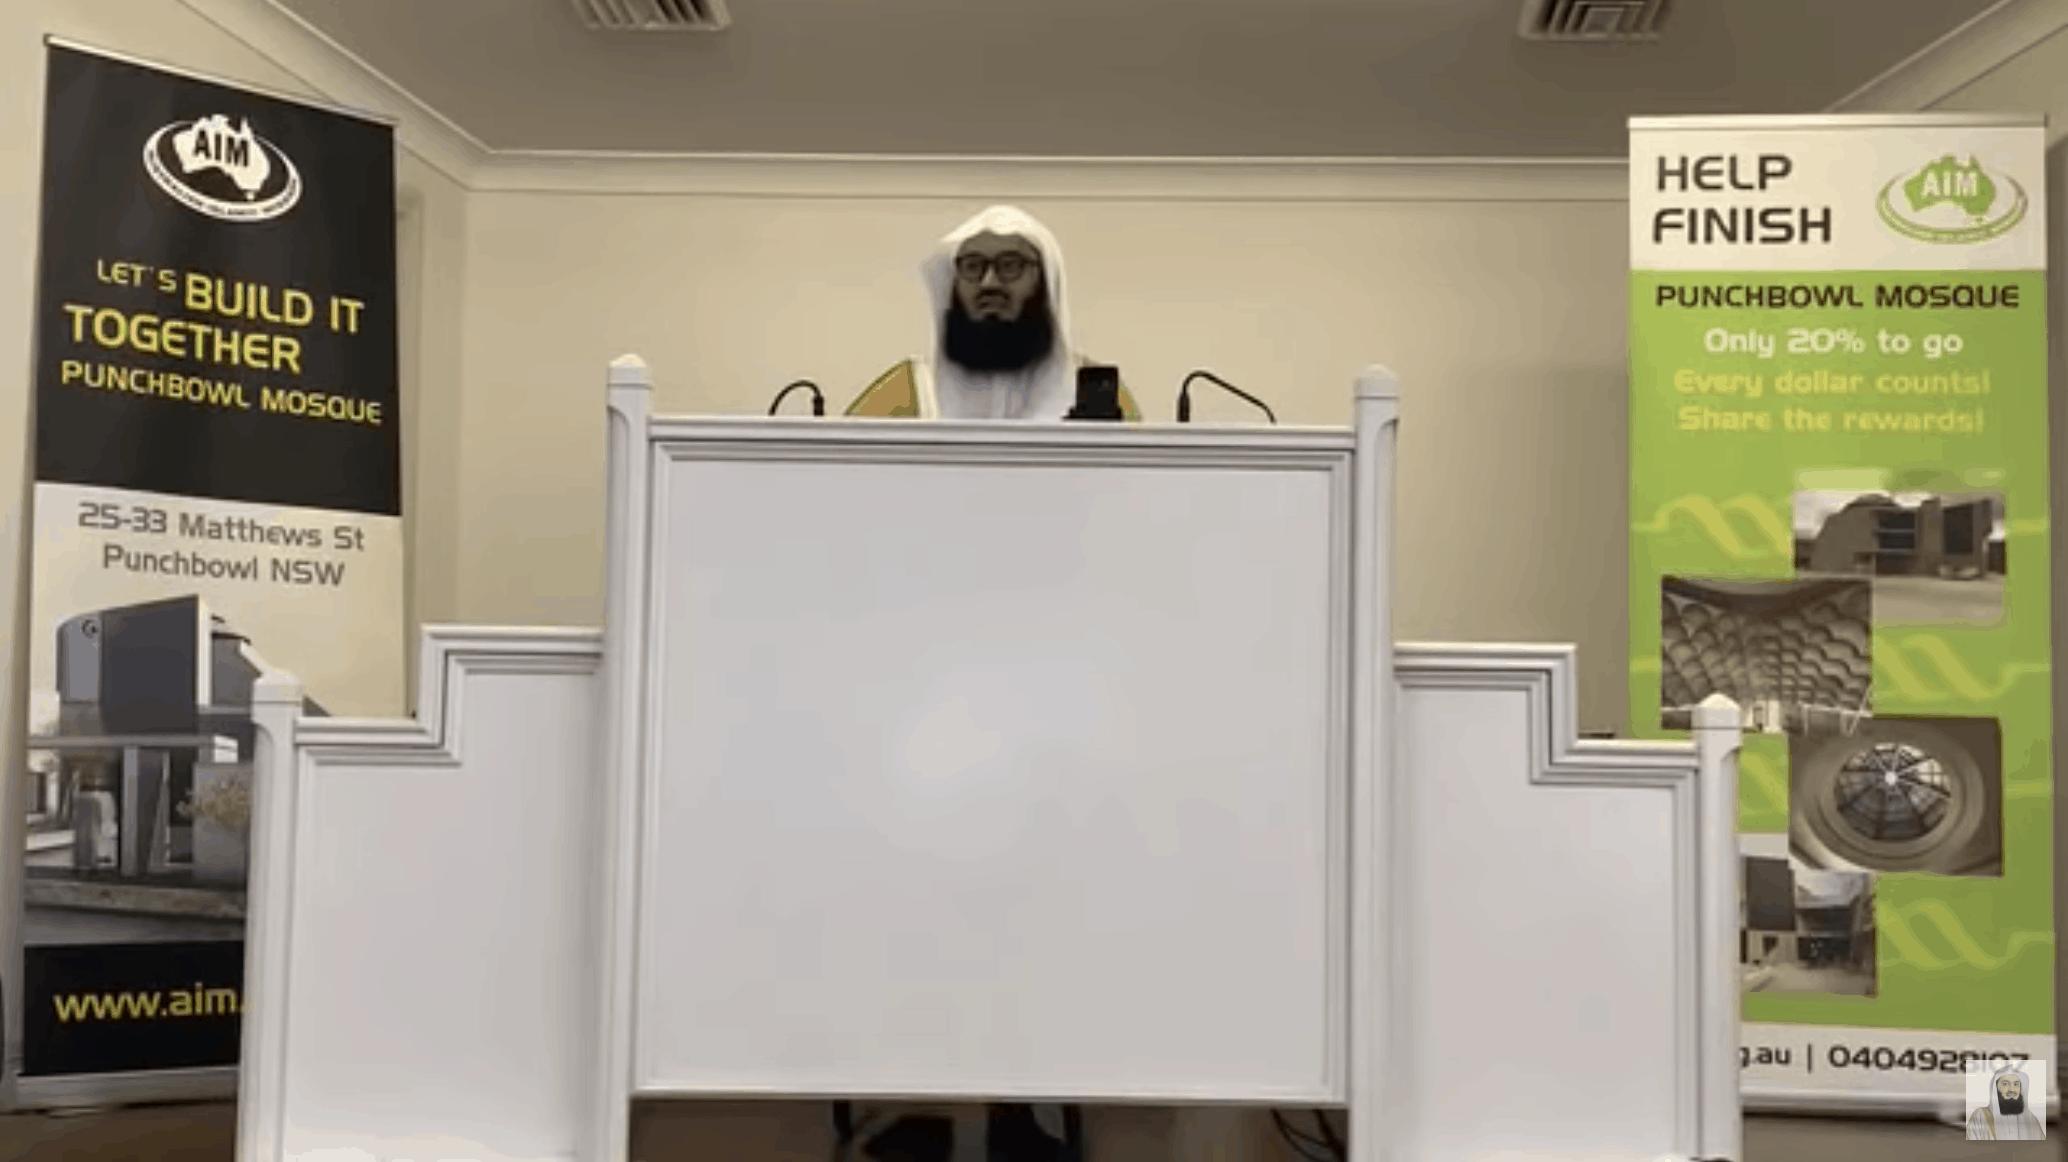 Ismail ibn Musa Menk – Coronavirus